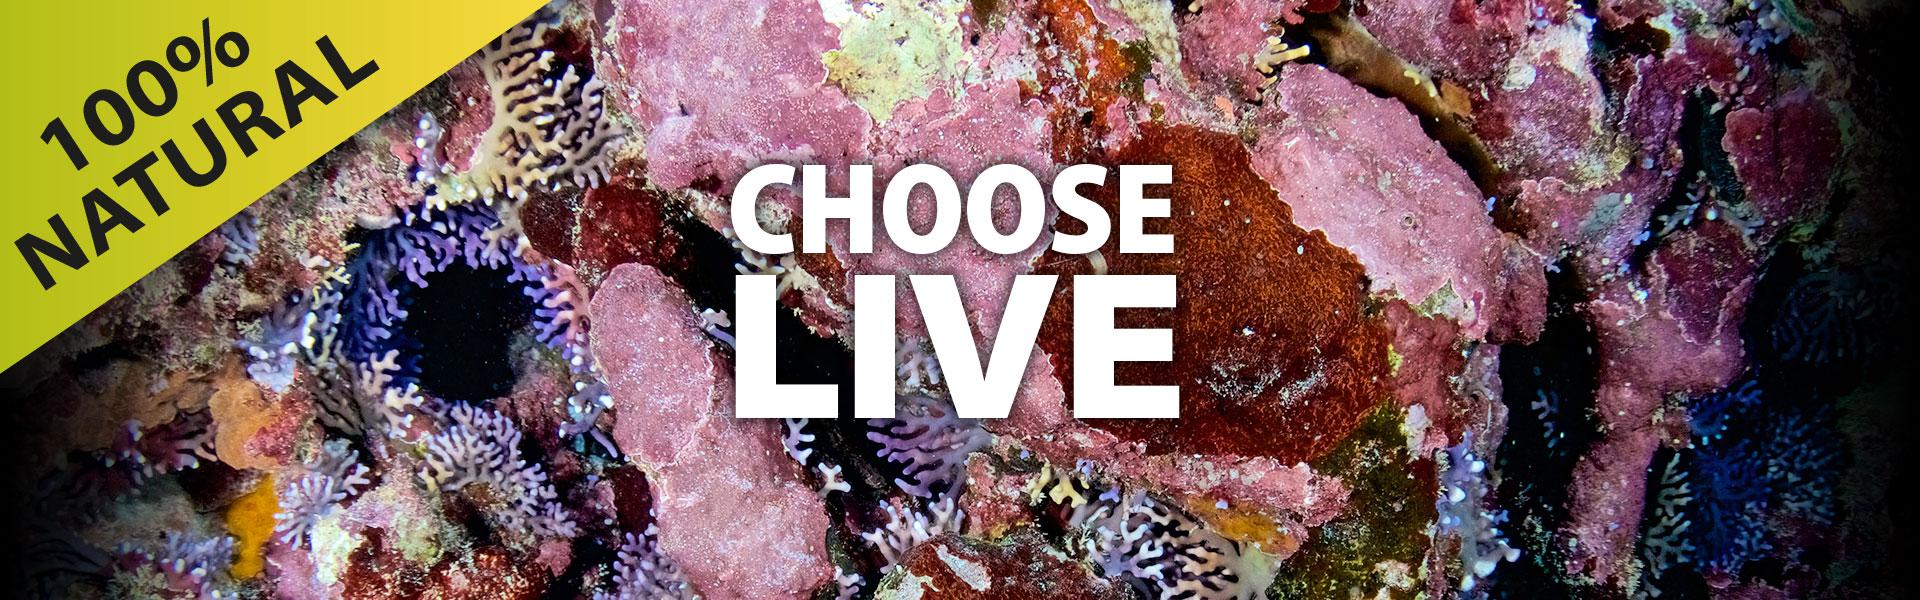 Live-Rock-header2